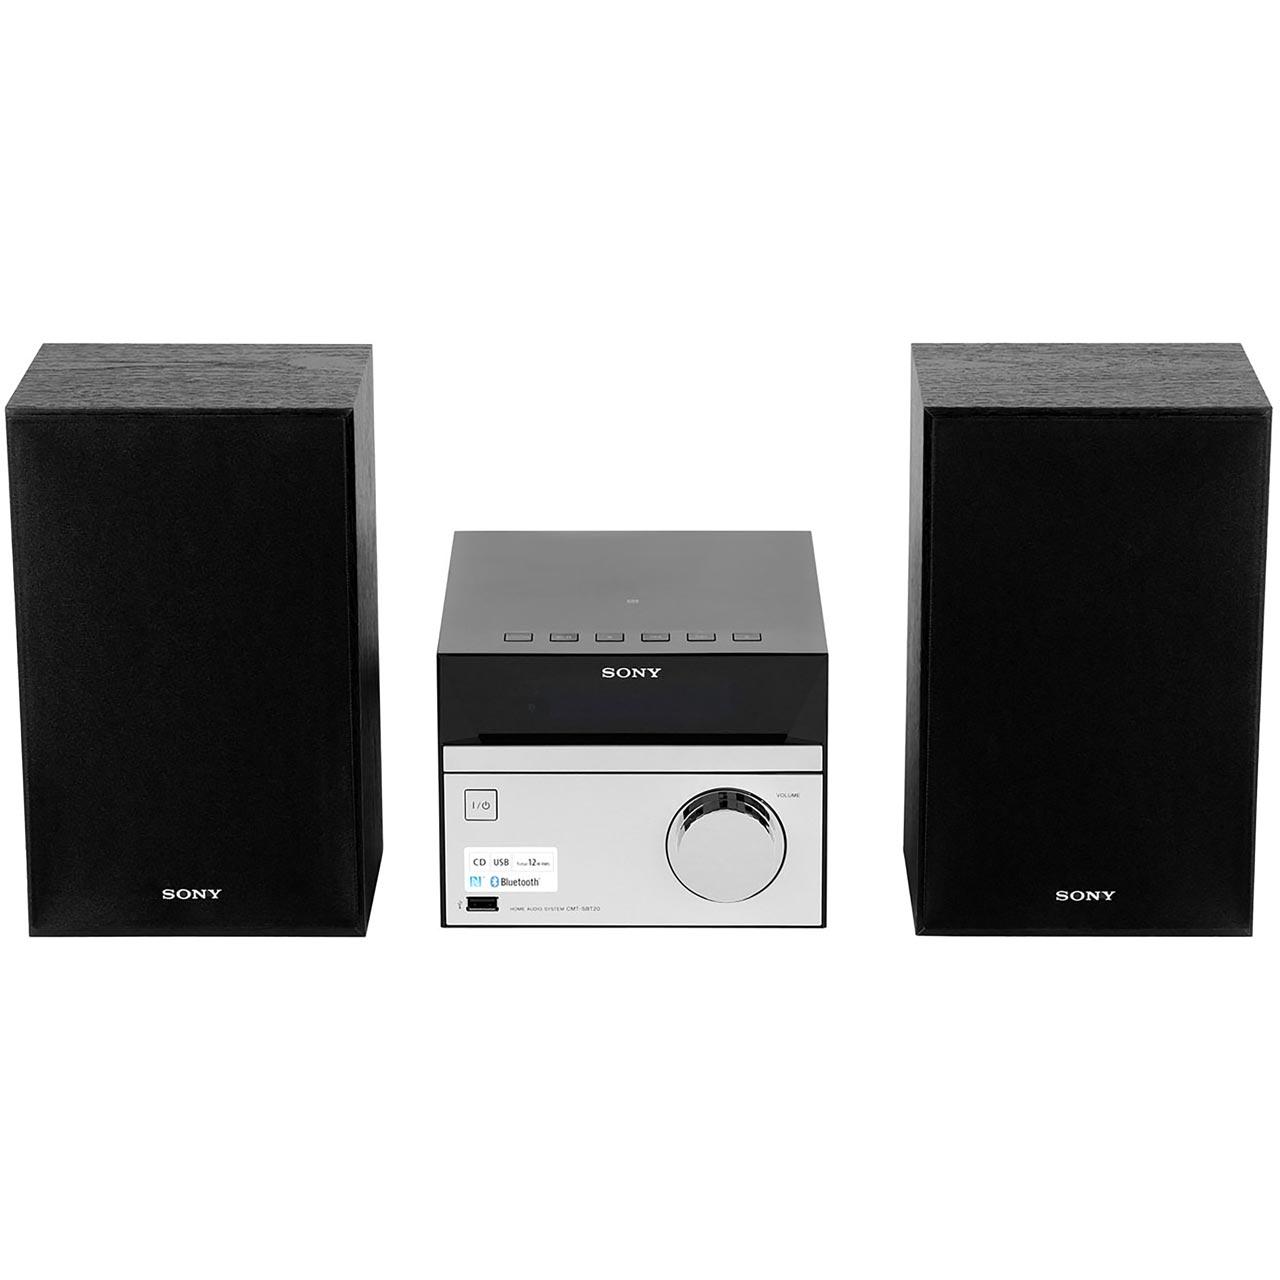 Sony CMT-SBT20 12 Watt Mini Hi-Fi System Bluetooth Hi-Fi System Black New From 4548736027510